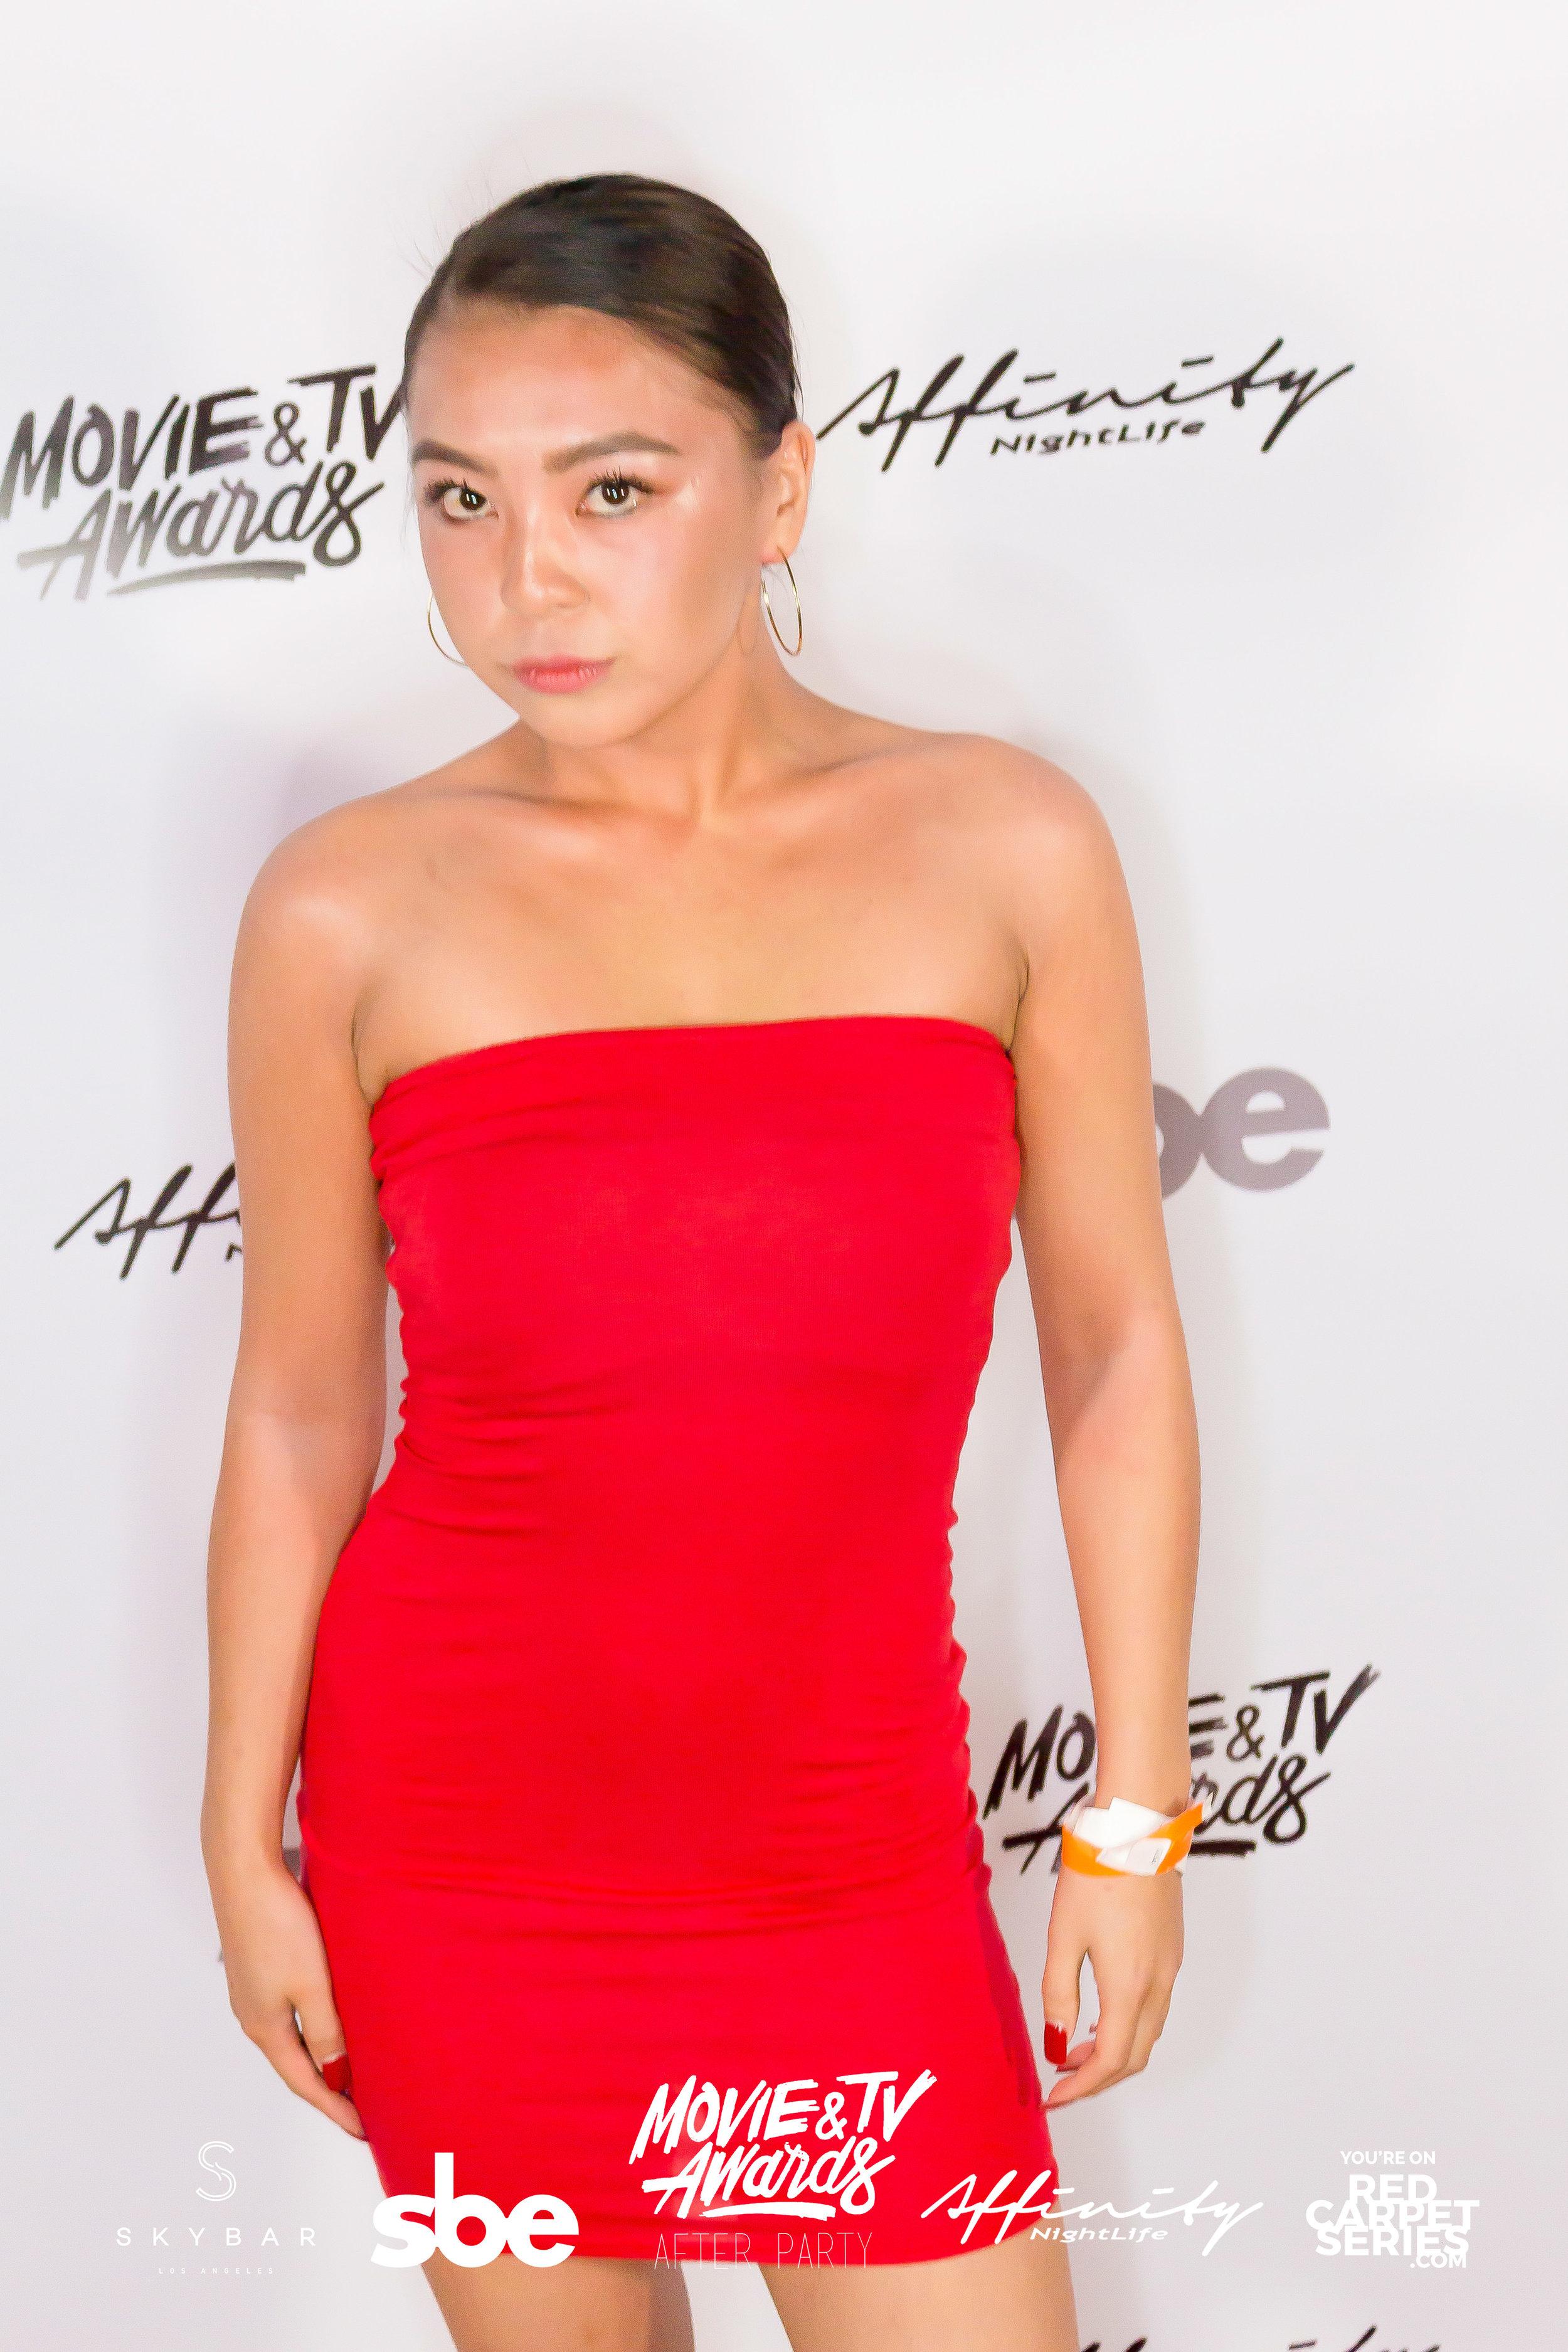 Affinity Nightlife MTV Movie & TV Awards After Party - Skybar at Mondrian - 06-15-19 - Vol. 2_60.jpg